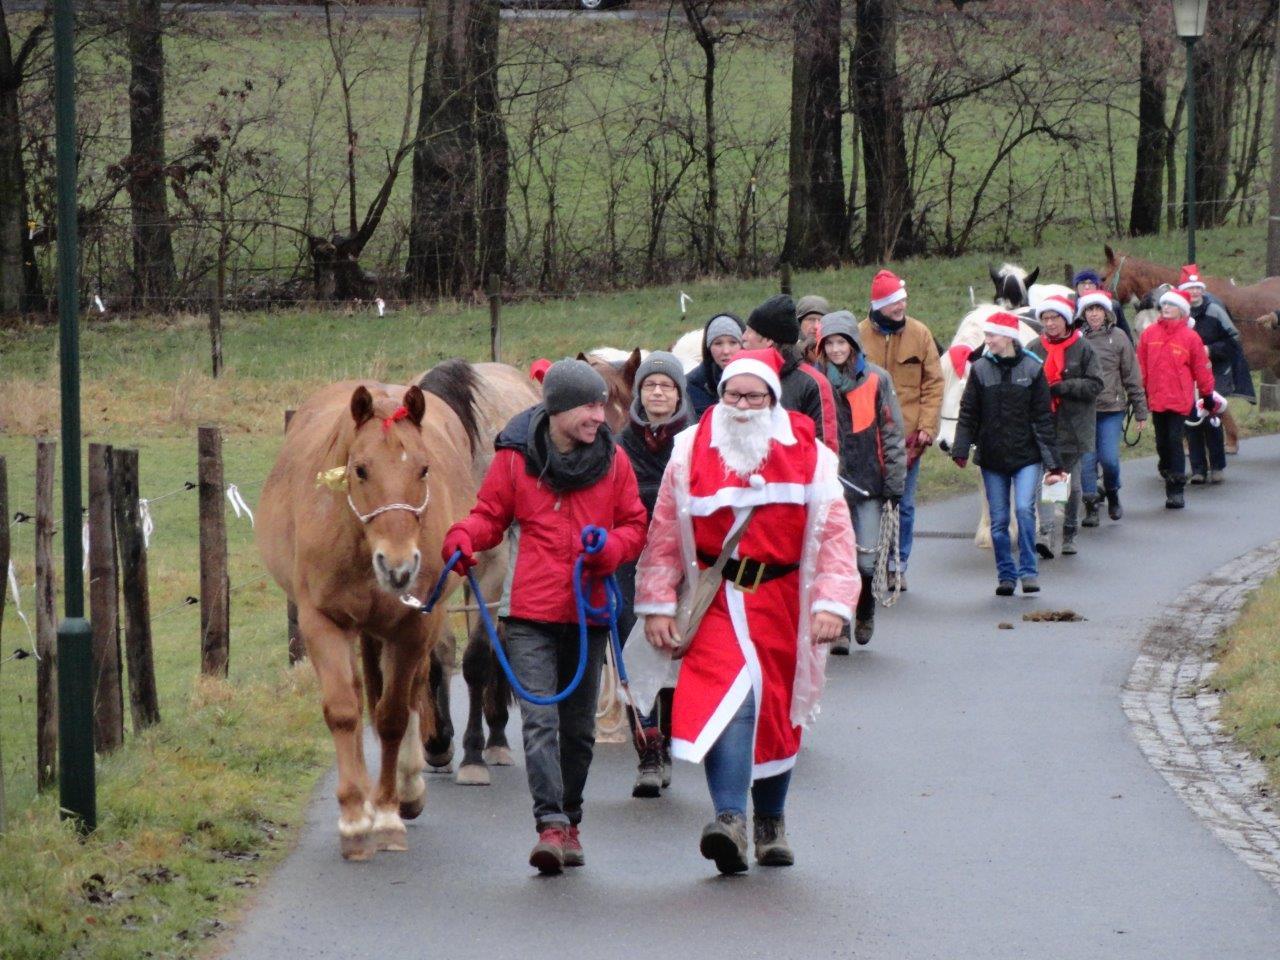 2019-12-24_Weihnachtsspaziergang.jpg